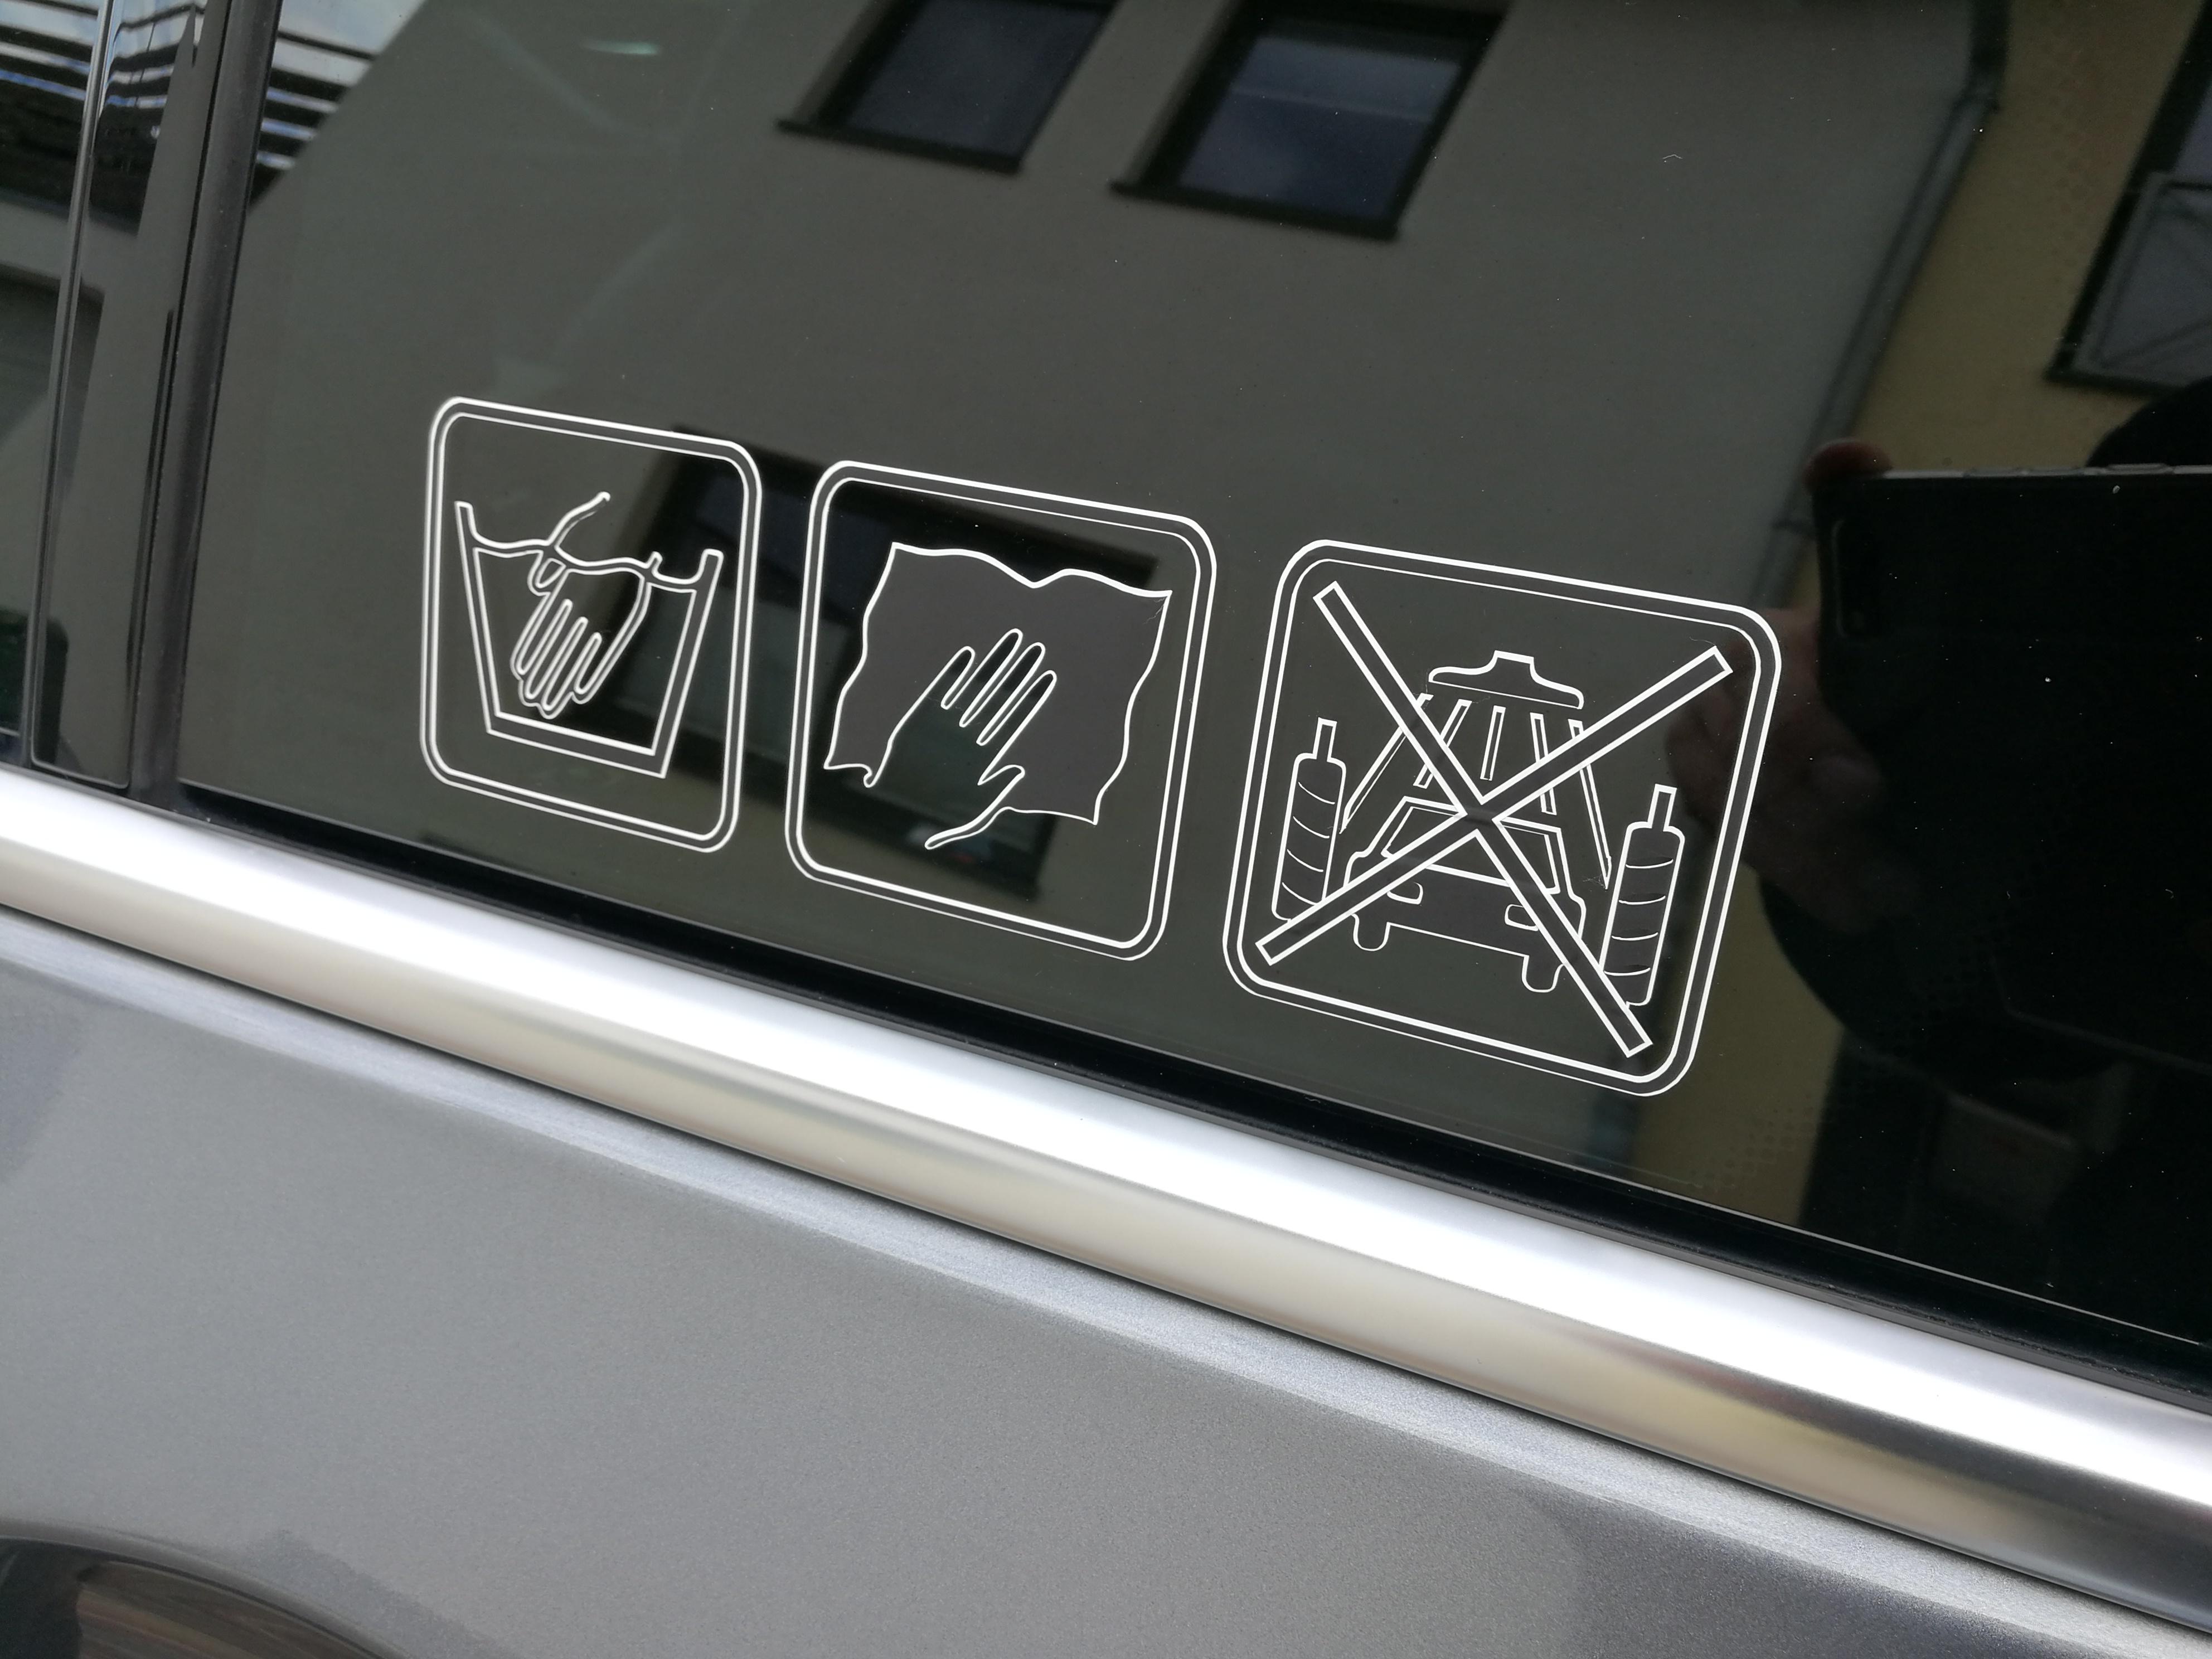 Dreiecksfenster eines BMW F11 530d mit einem hand wash only Aufkleber